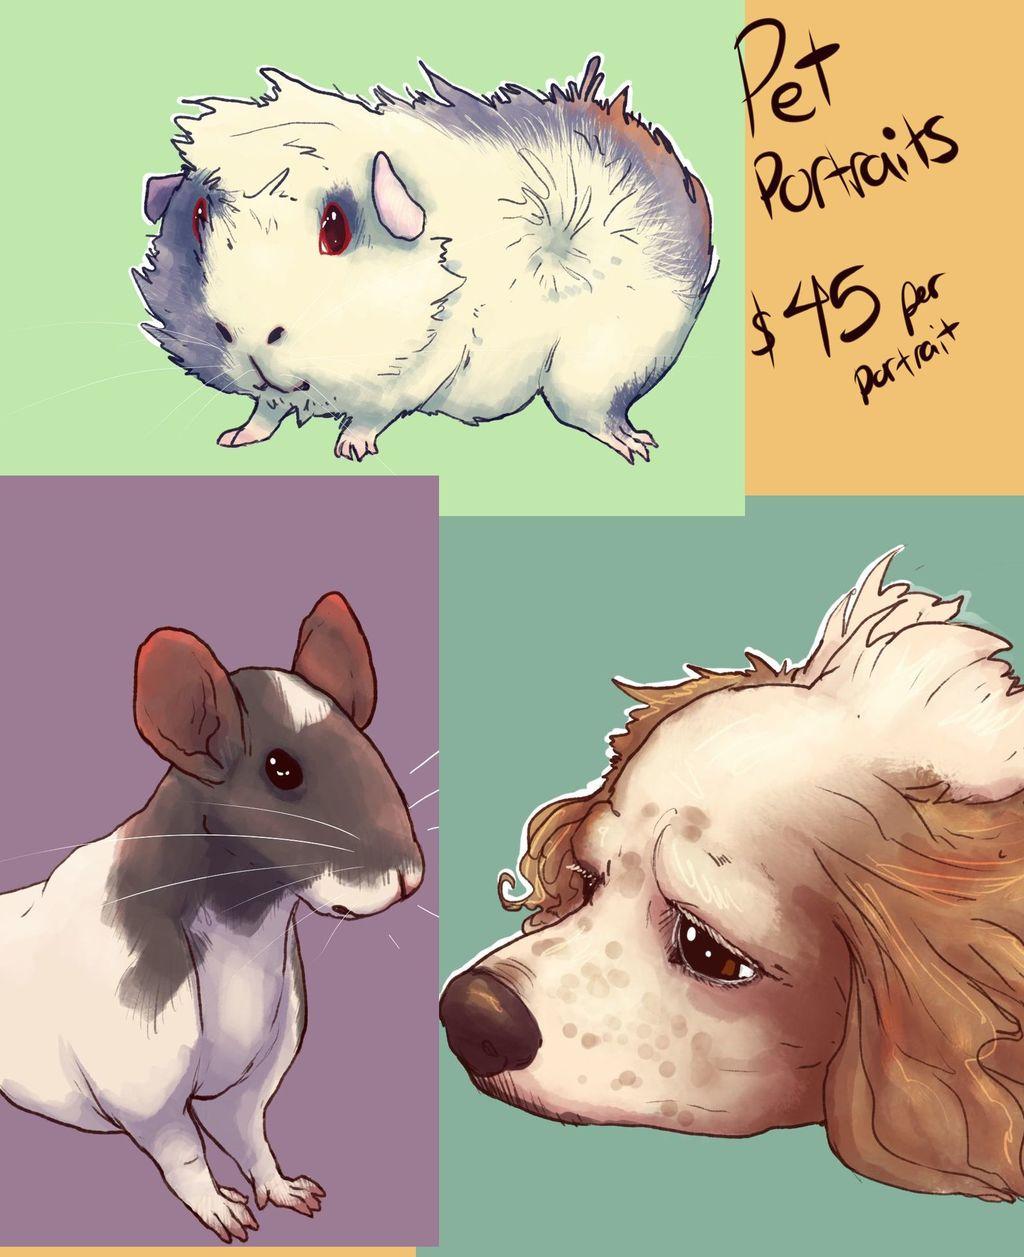 Most recent image: Pet Portrait Example Page